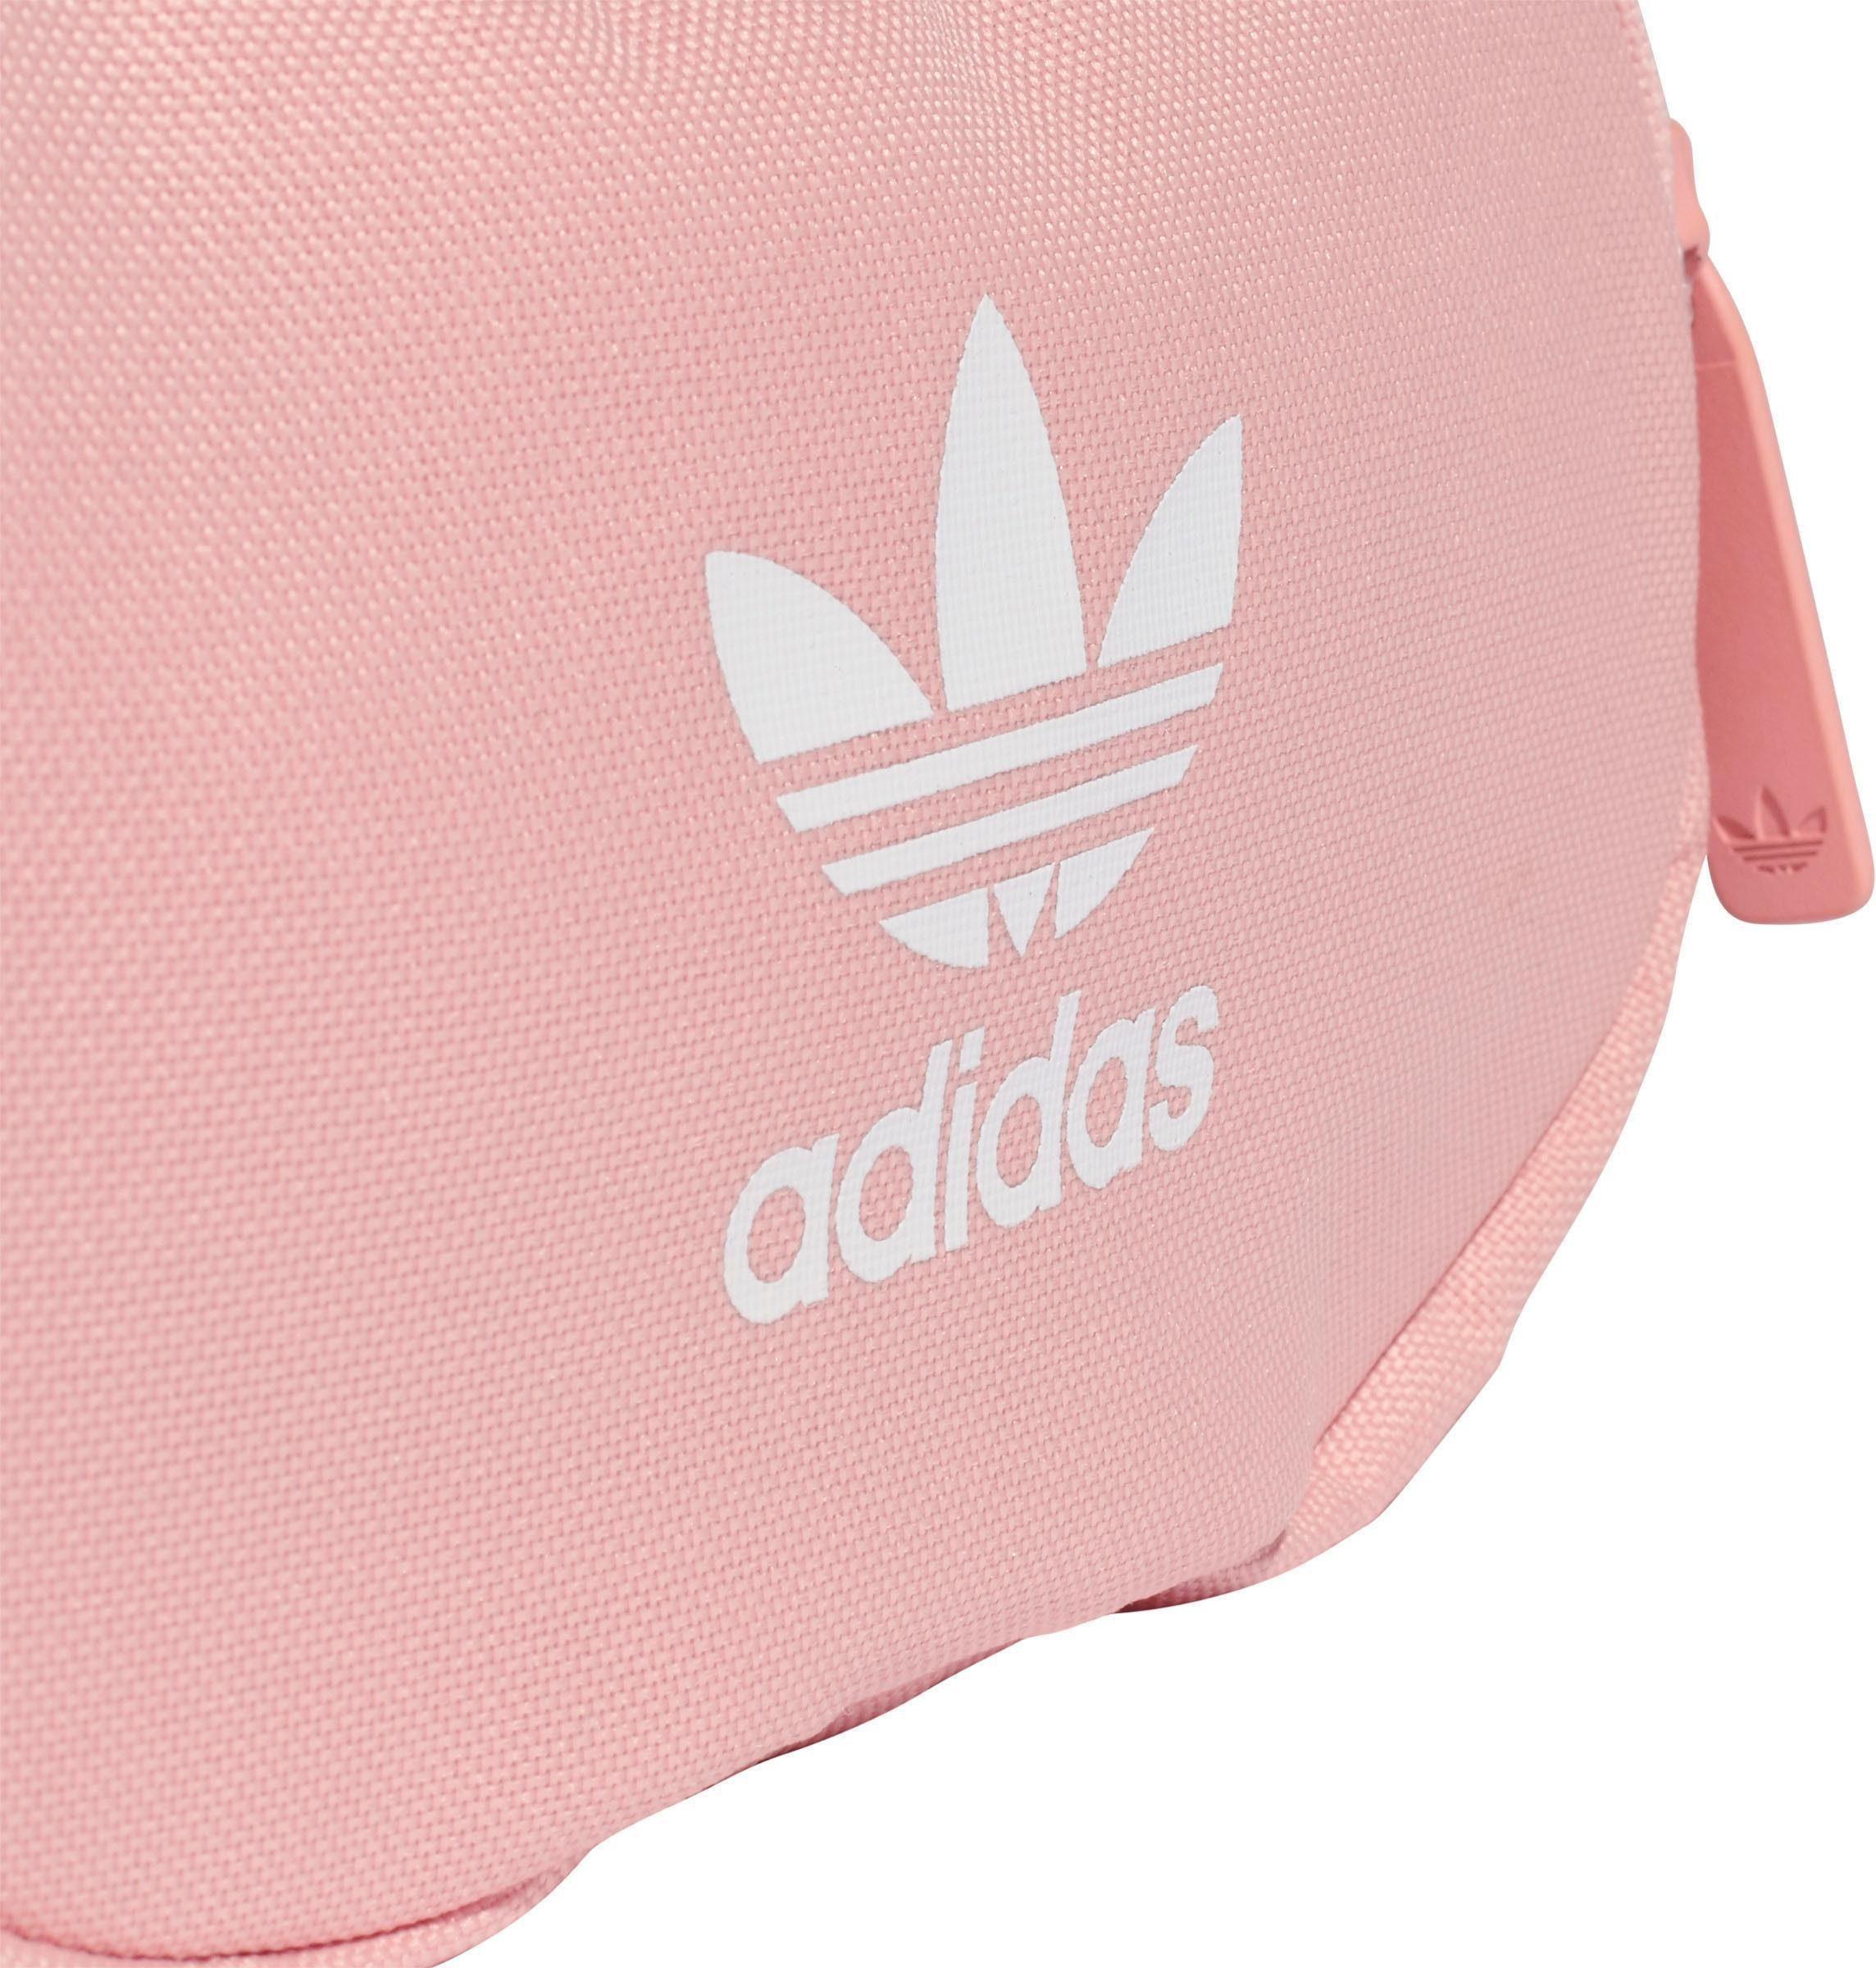 Cbody« Gürteltasche Adidas Adidas Gürteltasche »essential Originals Cbody« »essential Originals Adidas Originals nvq844